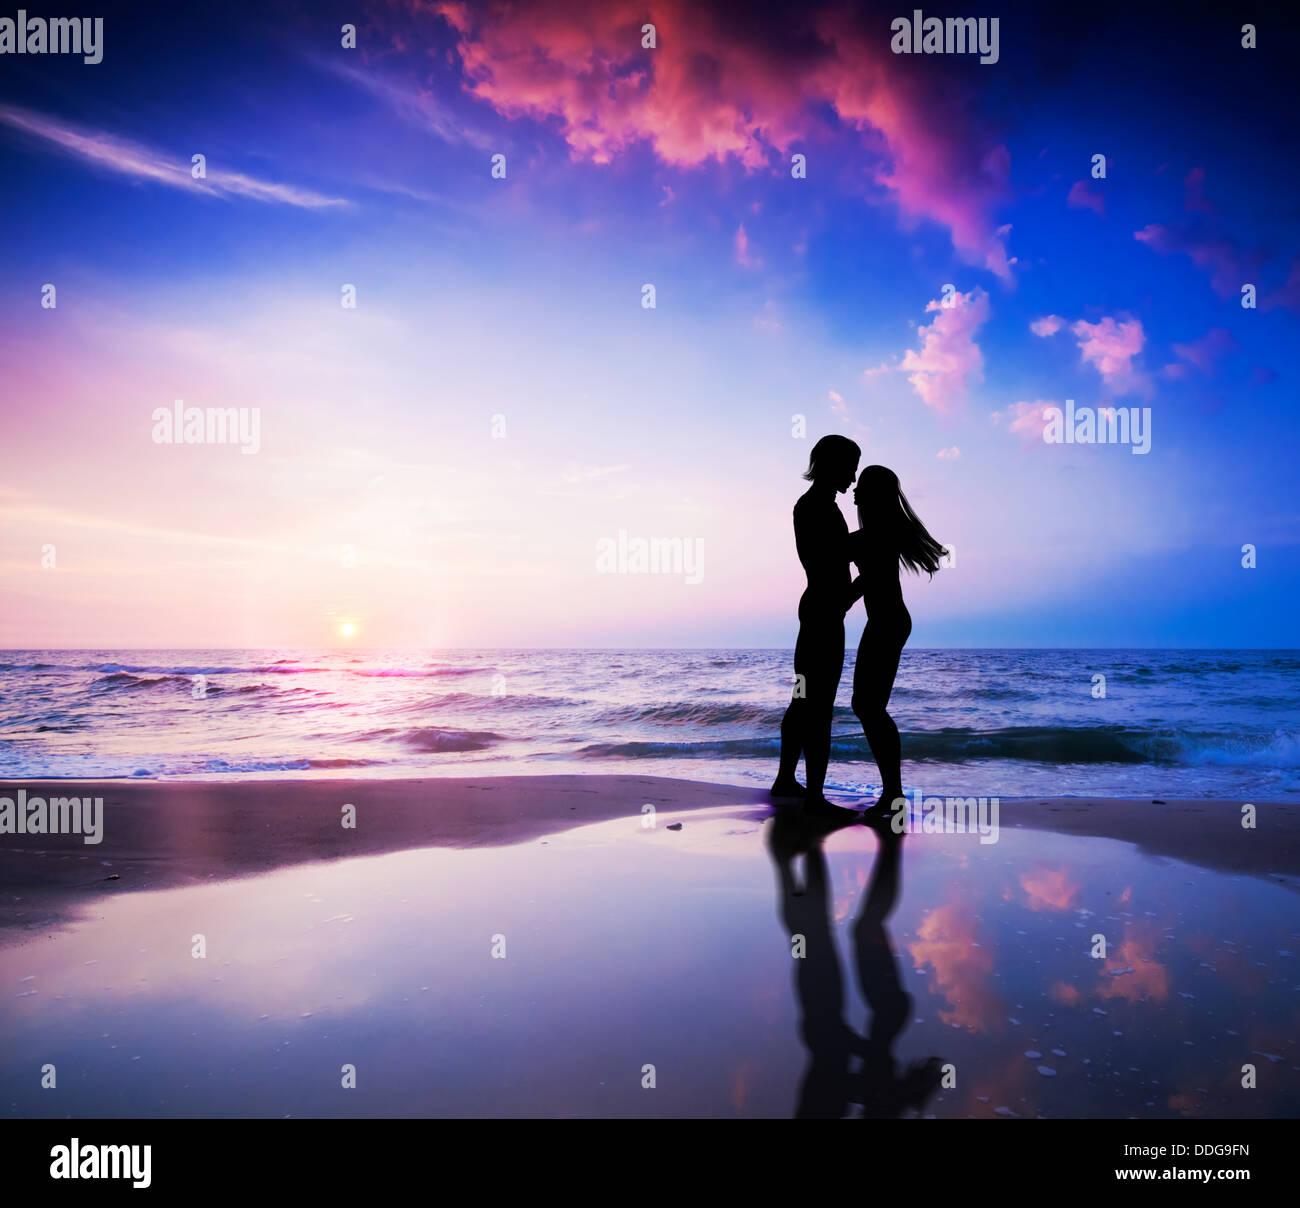 Coppia romantica circa per un bacio sulla spiaggia al tramonto Immagini Stock